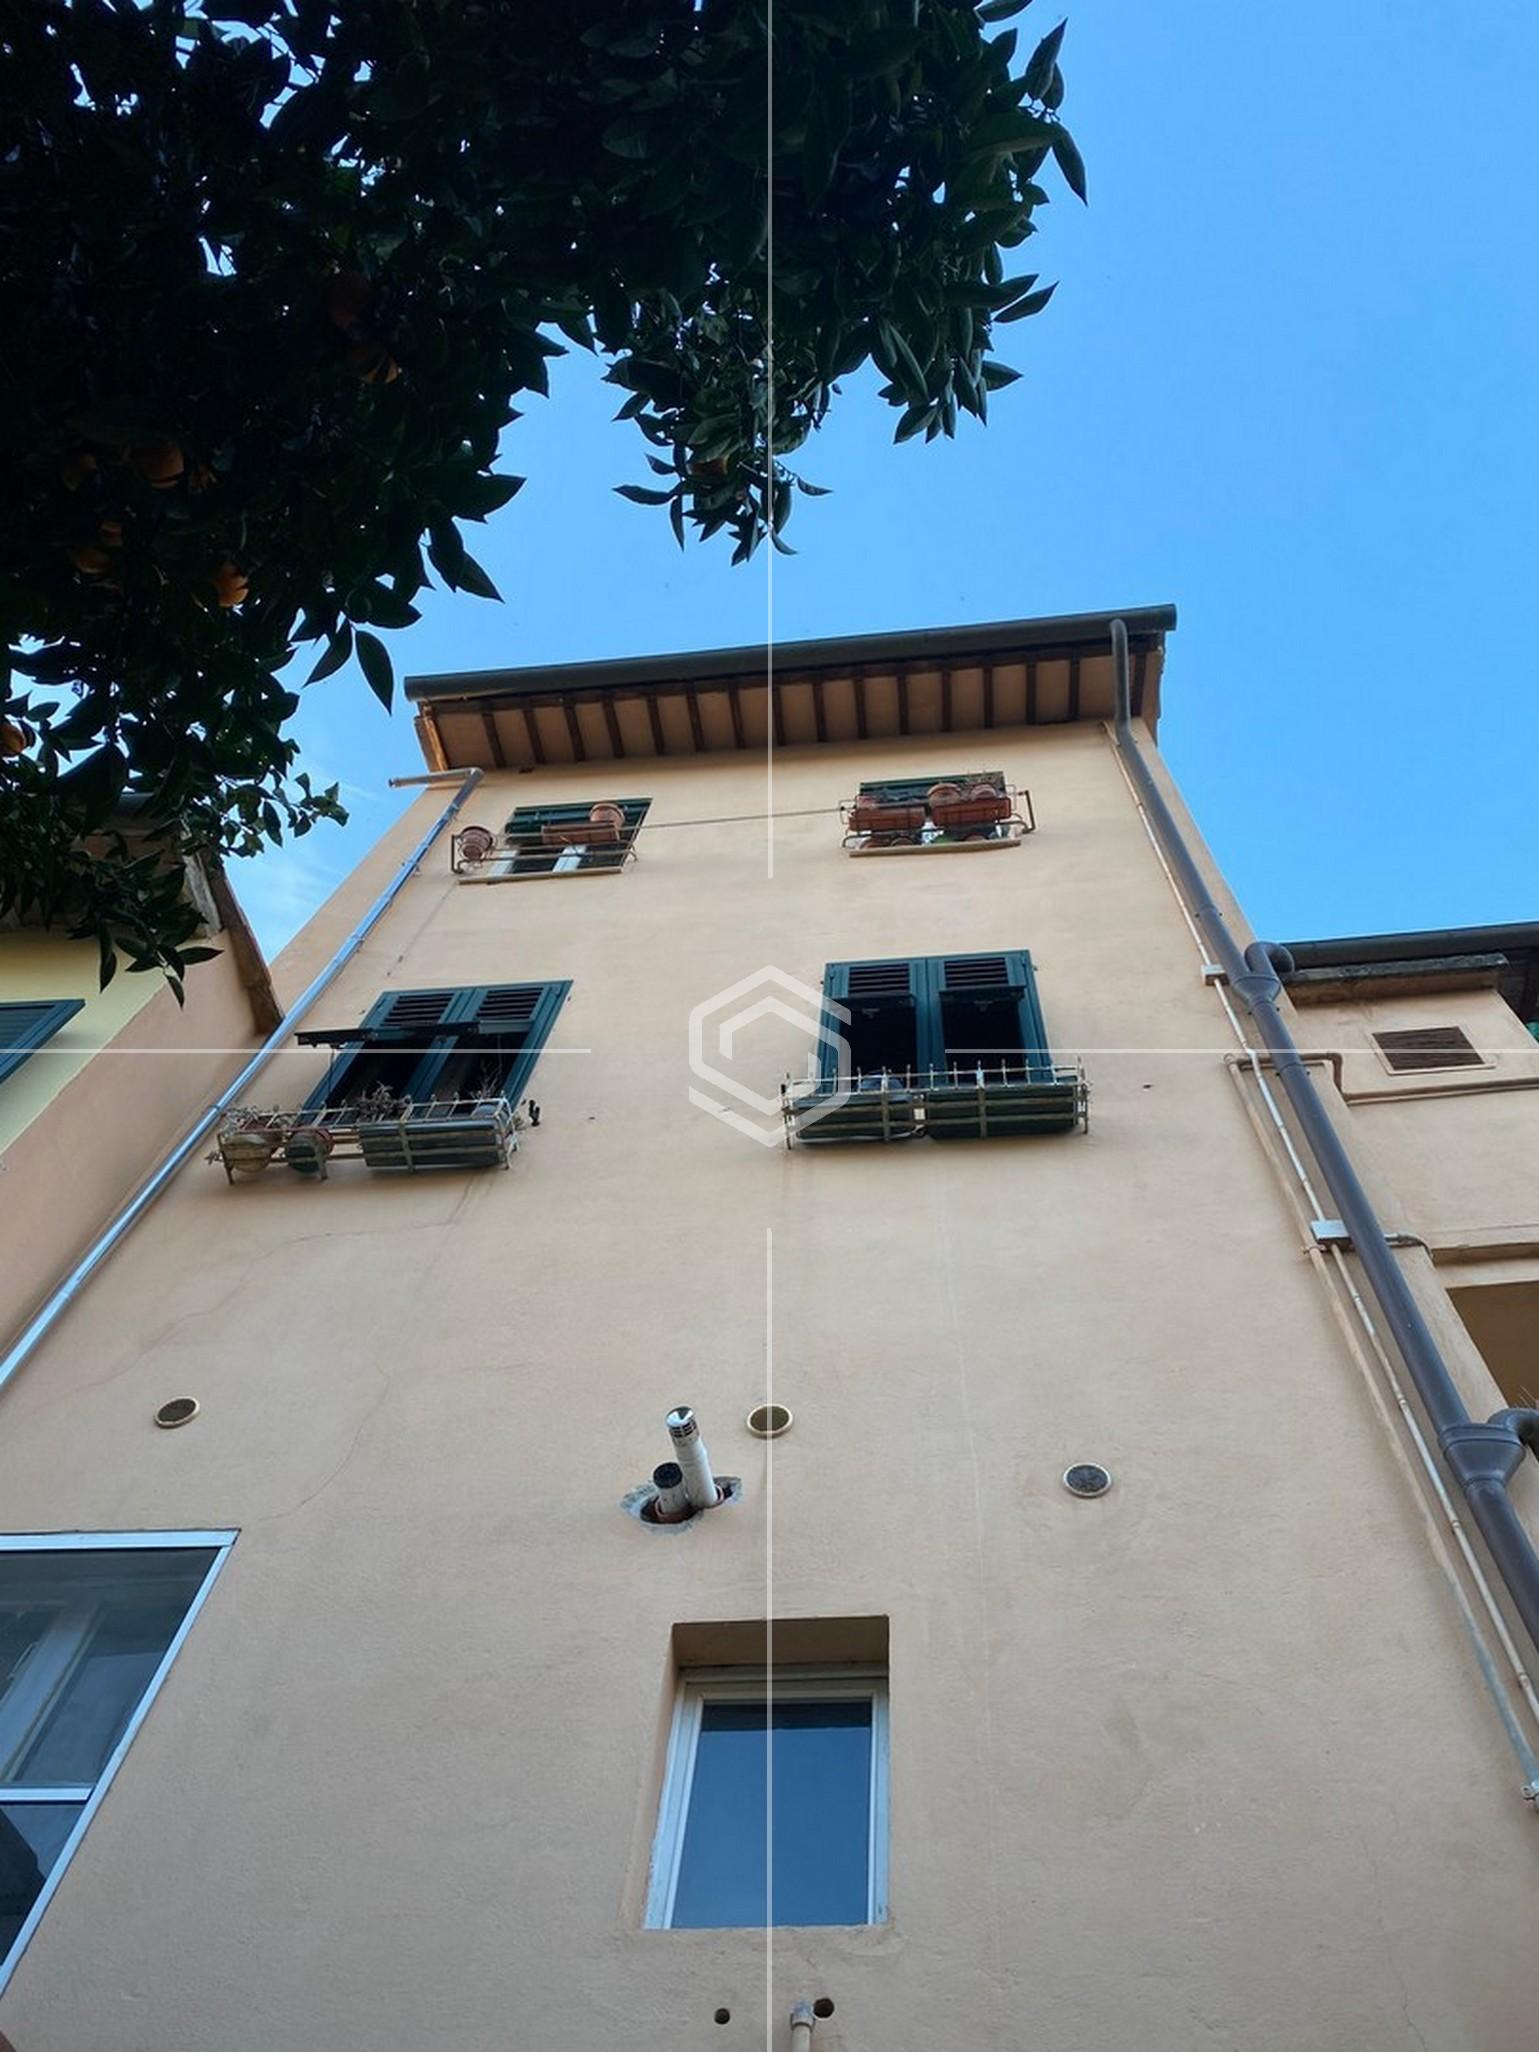 Vendita intero fabbricato nel quartiere san martino di Pisa, complesso GB25